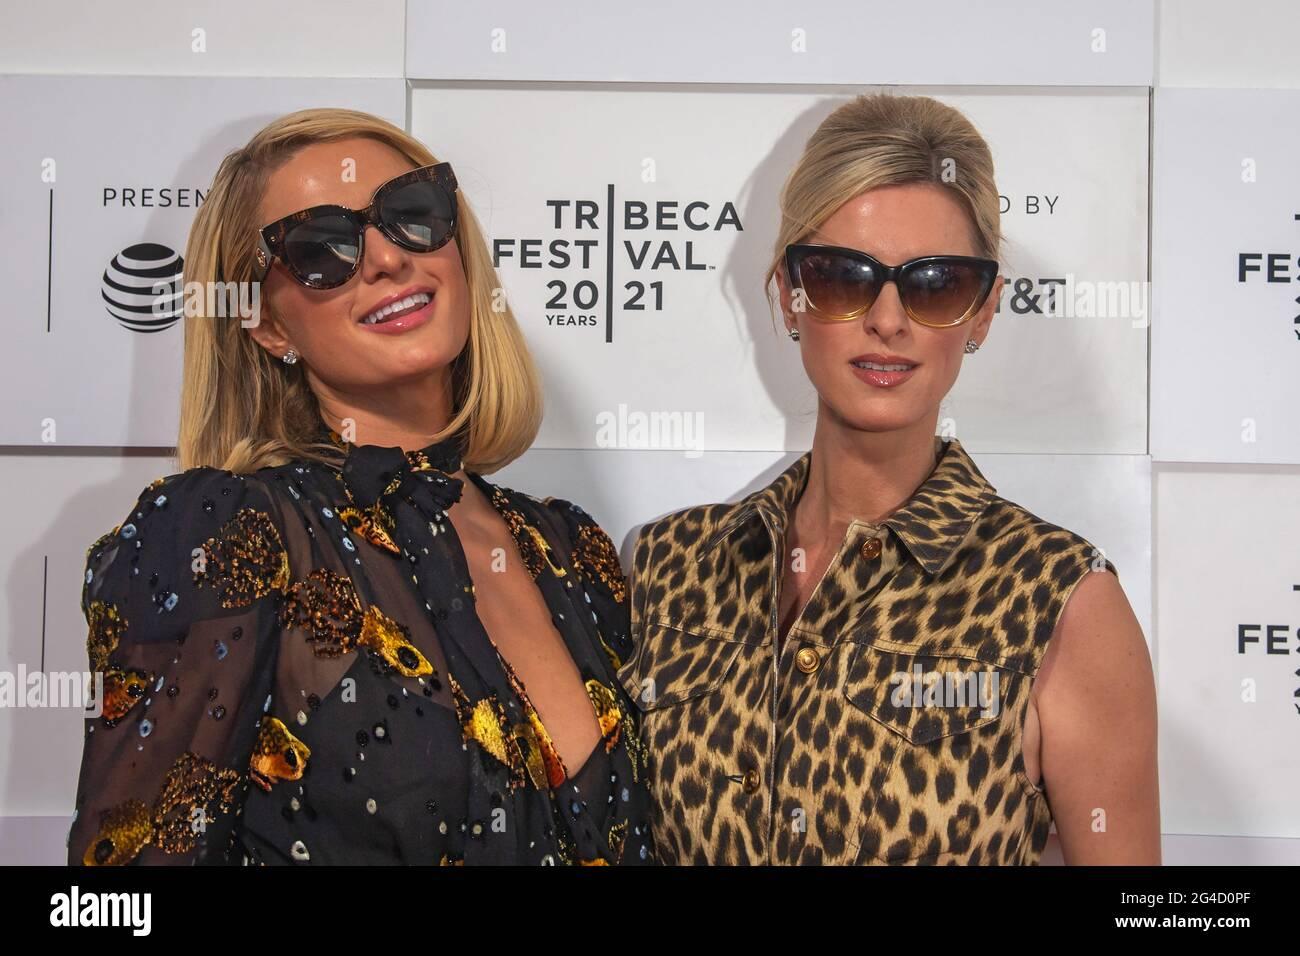 NEW YORK, NEW YORK - 20. JUNI: Paris Hilton und Nicky Hilton nehmen an der Premiere von 'This is Paris' während des Tribeca Festivals 2021 in den Hudson Yards am 20. Juni 2021 in New York City Teil. Stockfoto